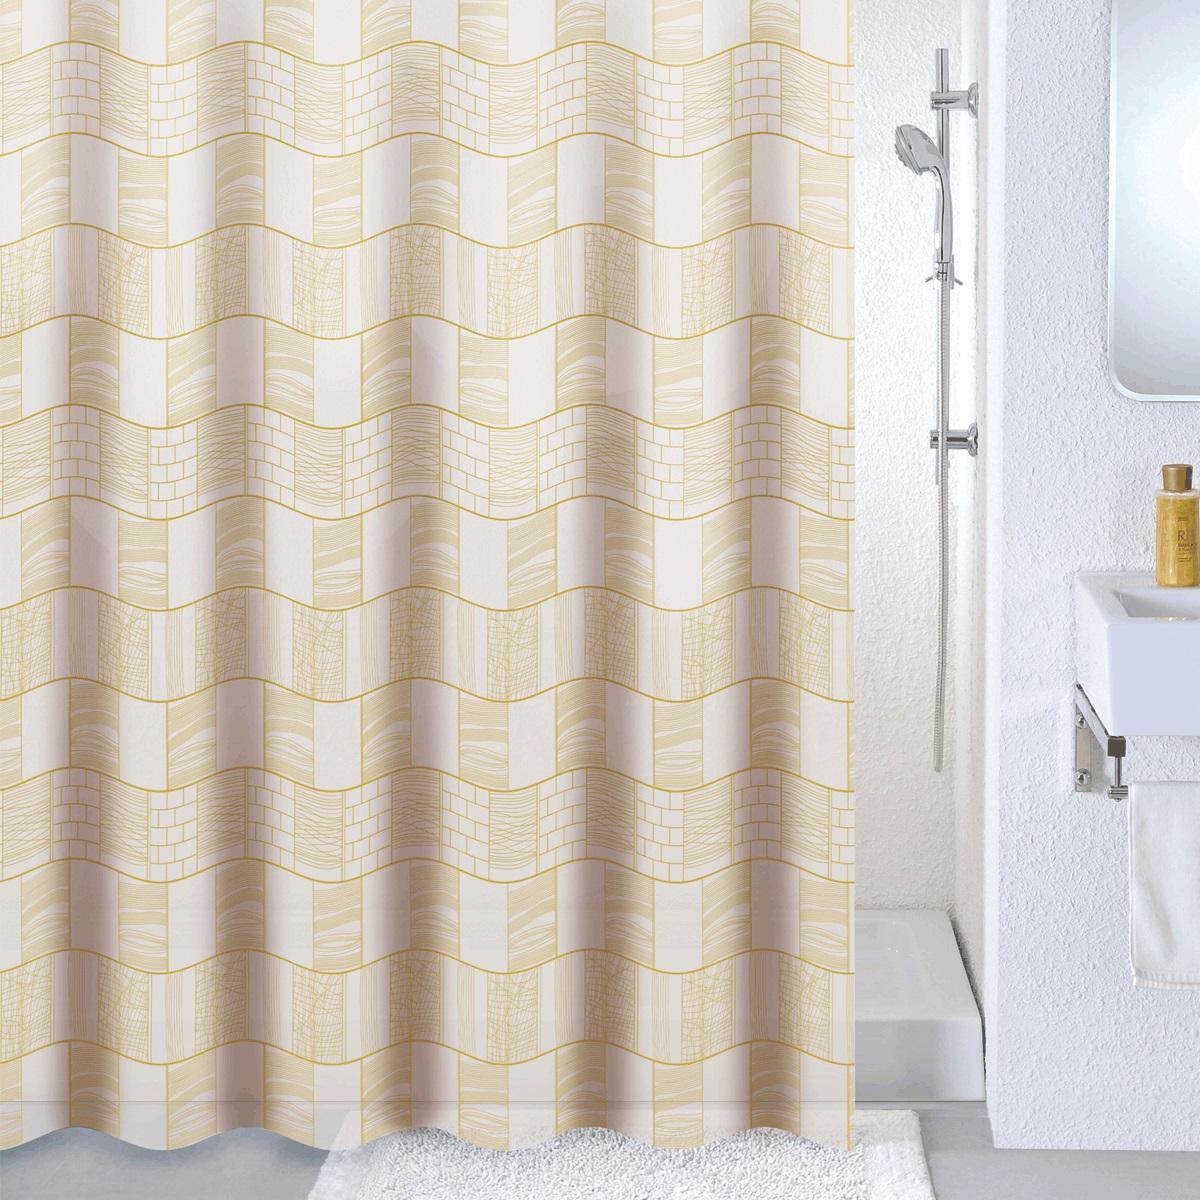 Штора для ванной Milardo Brick wall, цвет: бежевый , 180 x 180 см533V180M11Материал: PEVA, толщина 0,09 мм, белая подложка, упаковка ПВХ пакет, 12 металлических люверсов, кольца в комплекте (12 шт.)